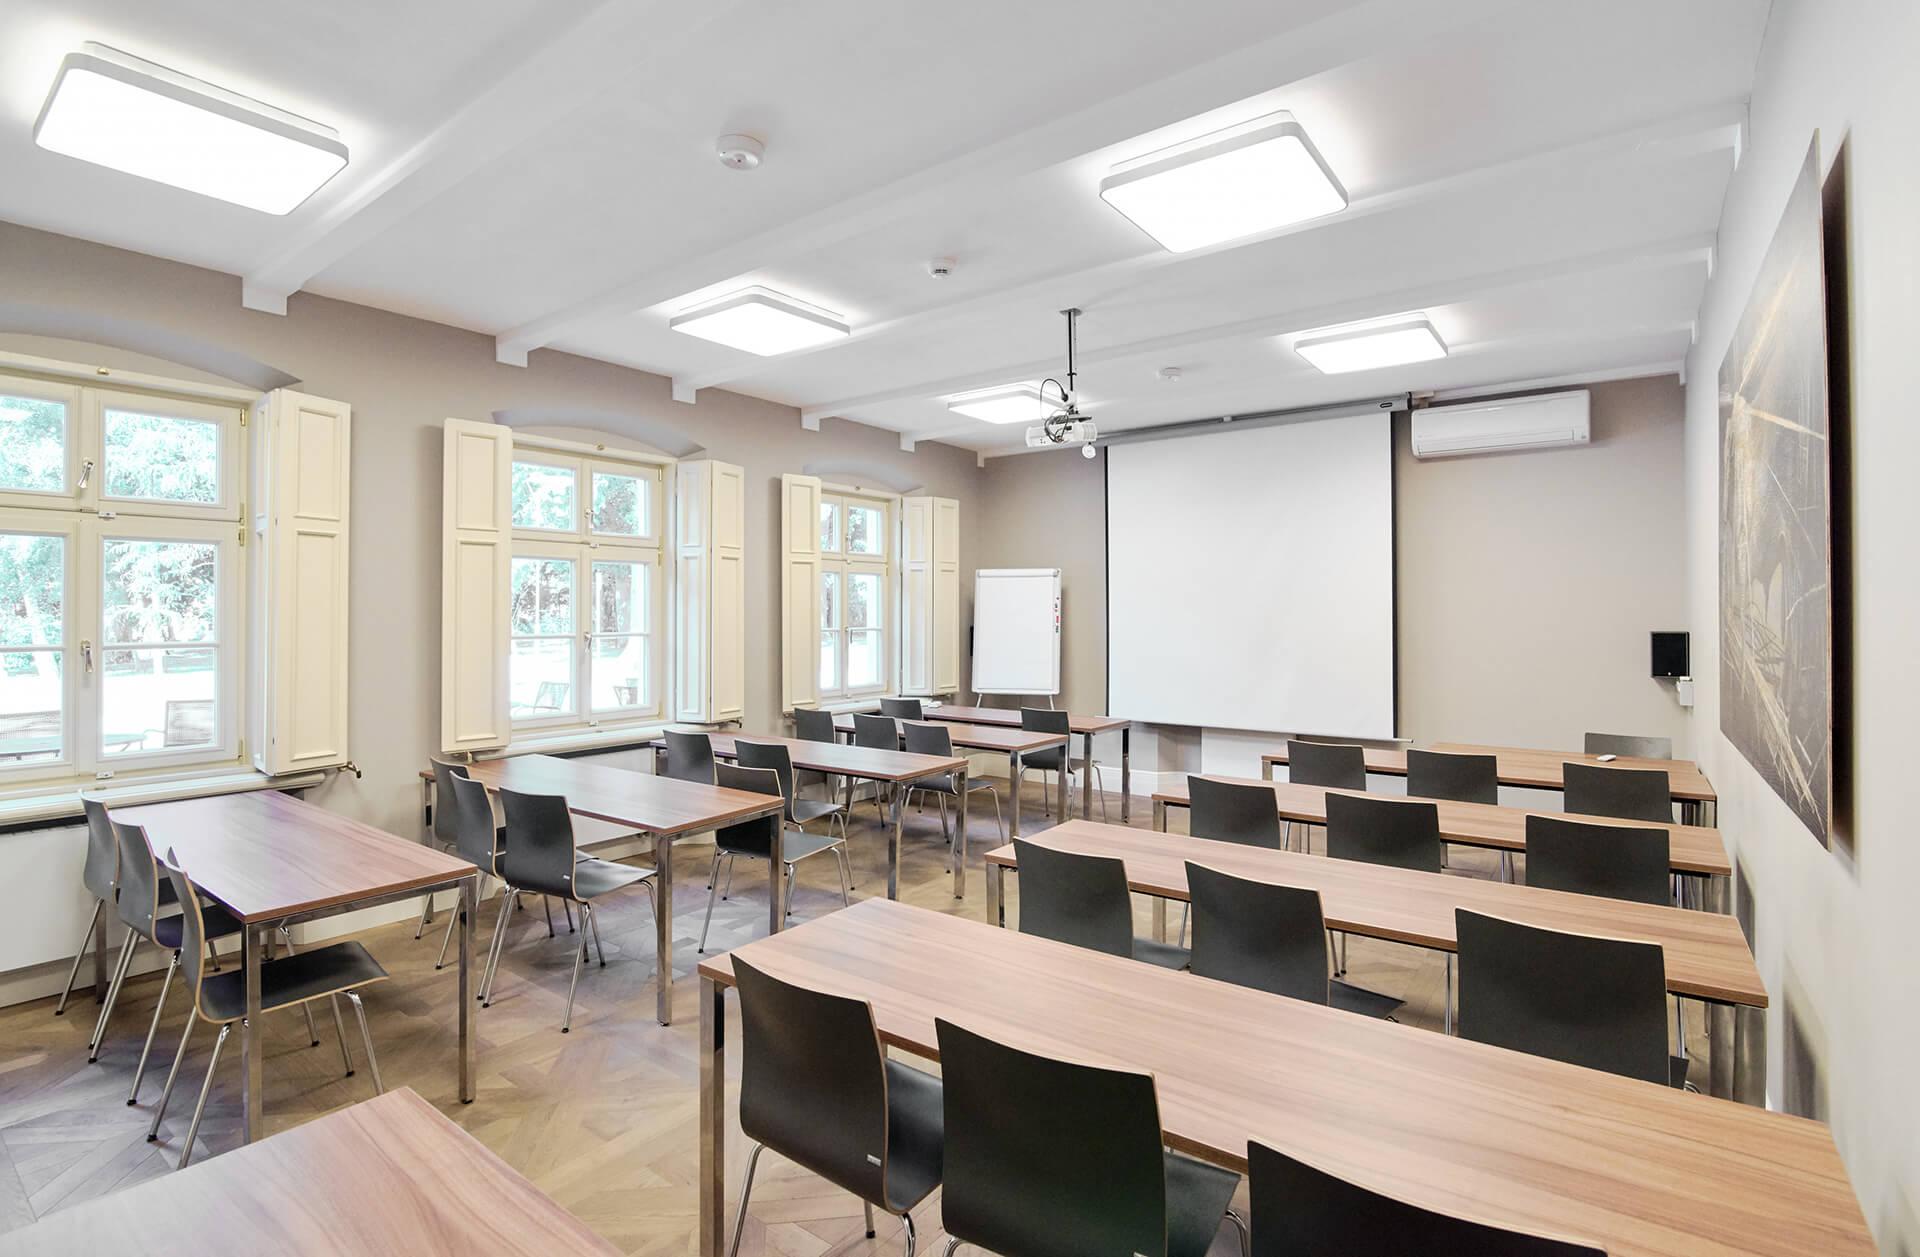 ESA_campus_lecturehall_2